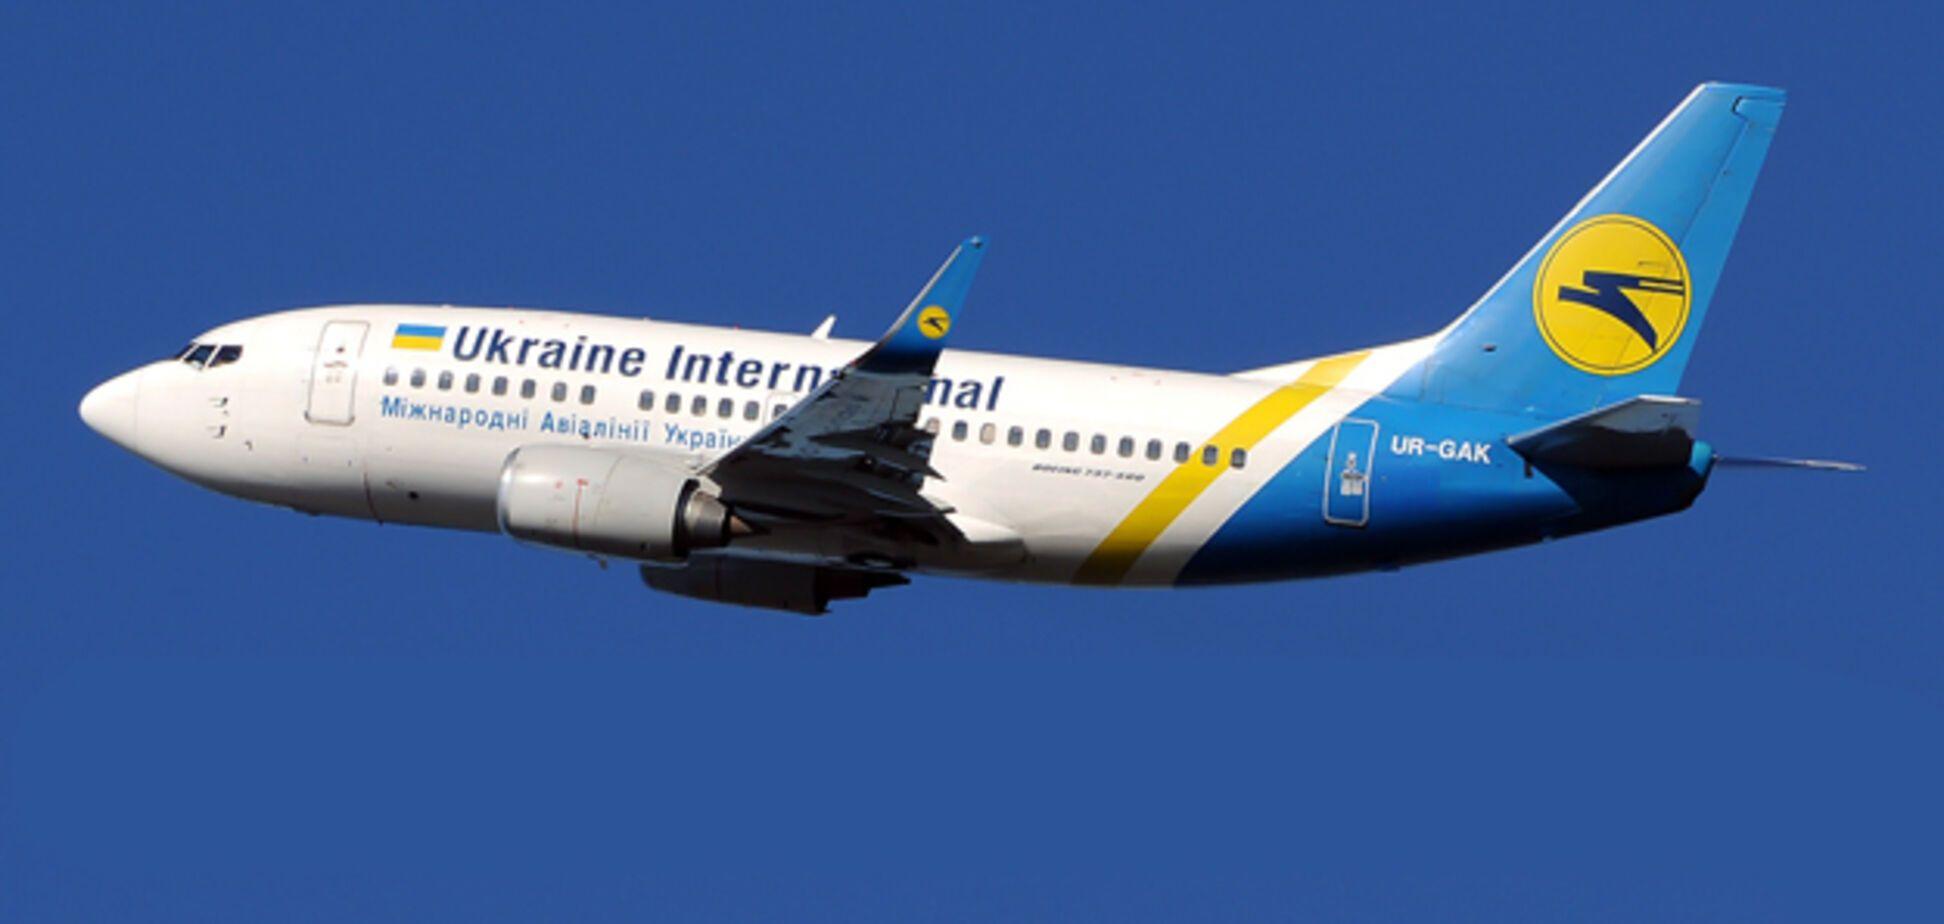 Самолет с туристами попал в серьезное ЧП над Украиной: подробности